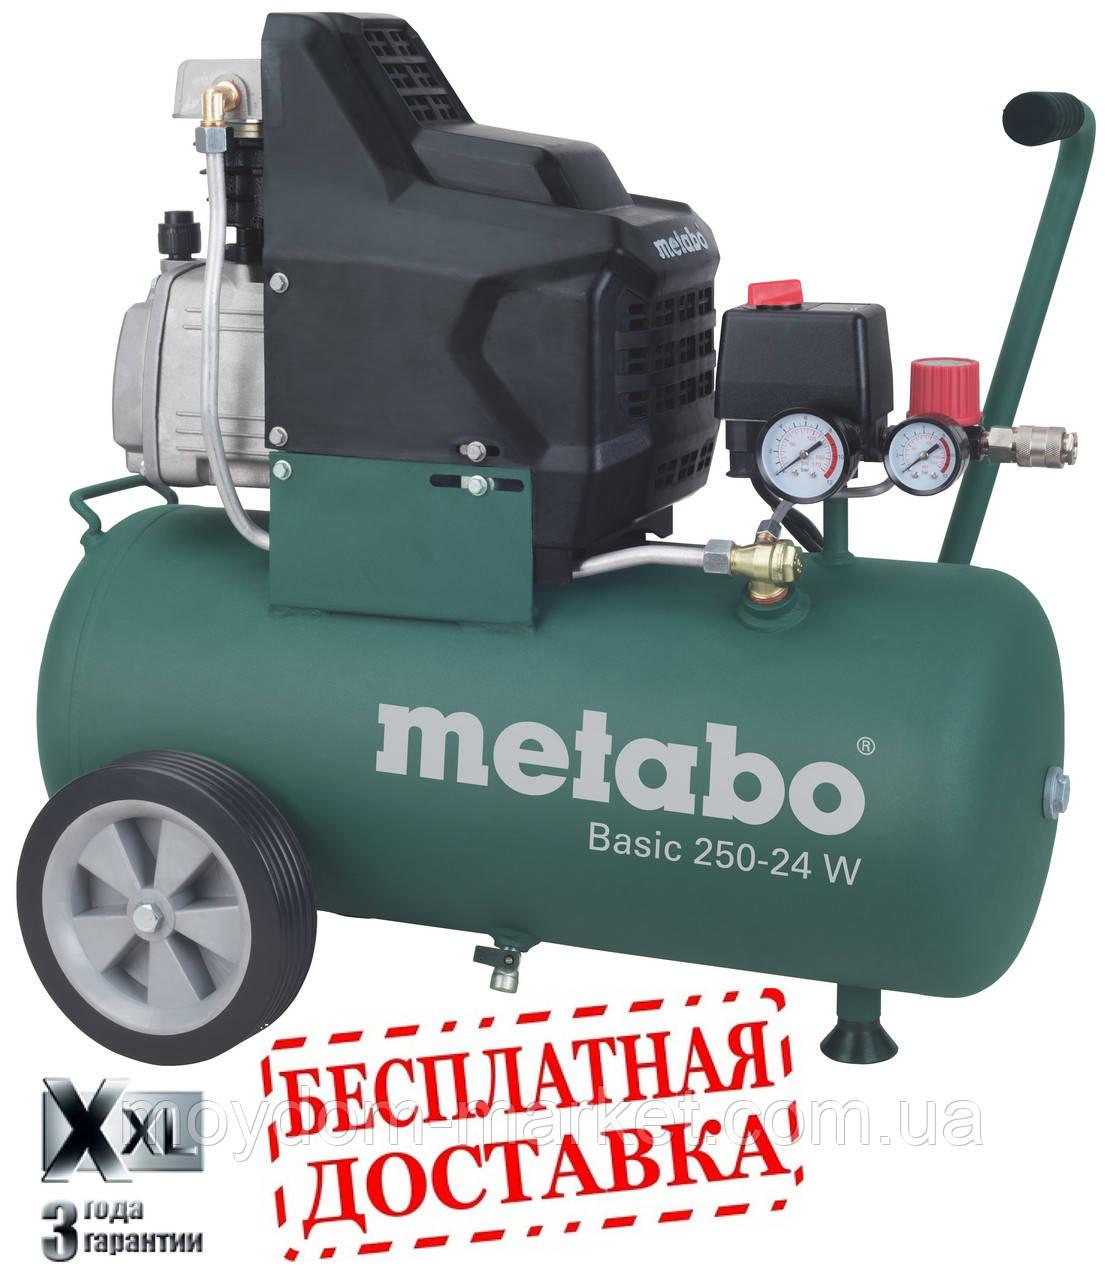 metabo basic 250 24 w 1 5 8 601533000. Black Bedroom Furniture Sets. Home Design Ideas